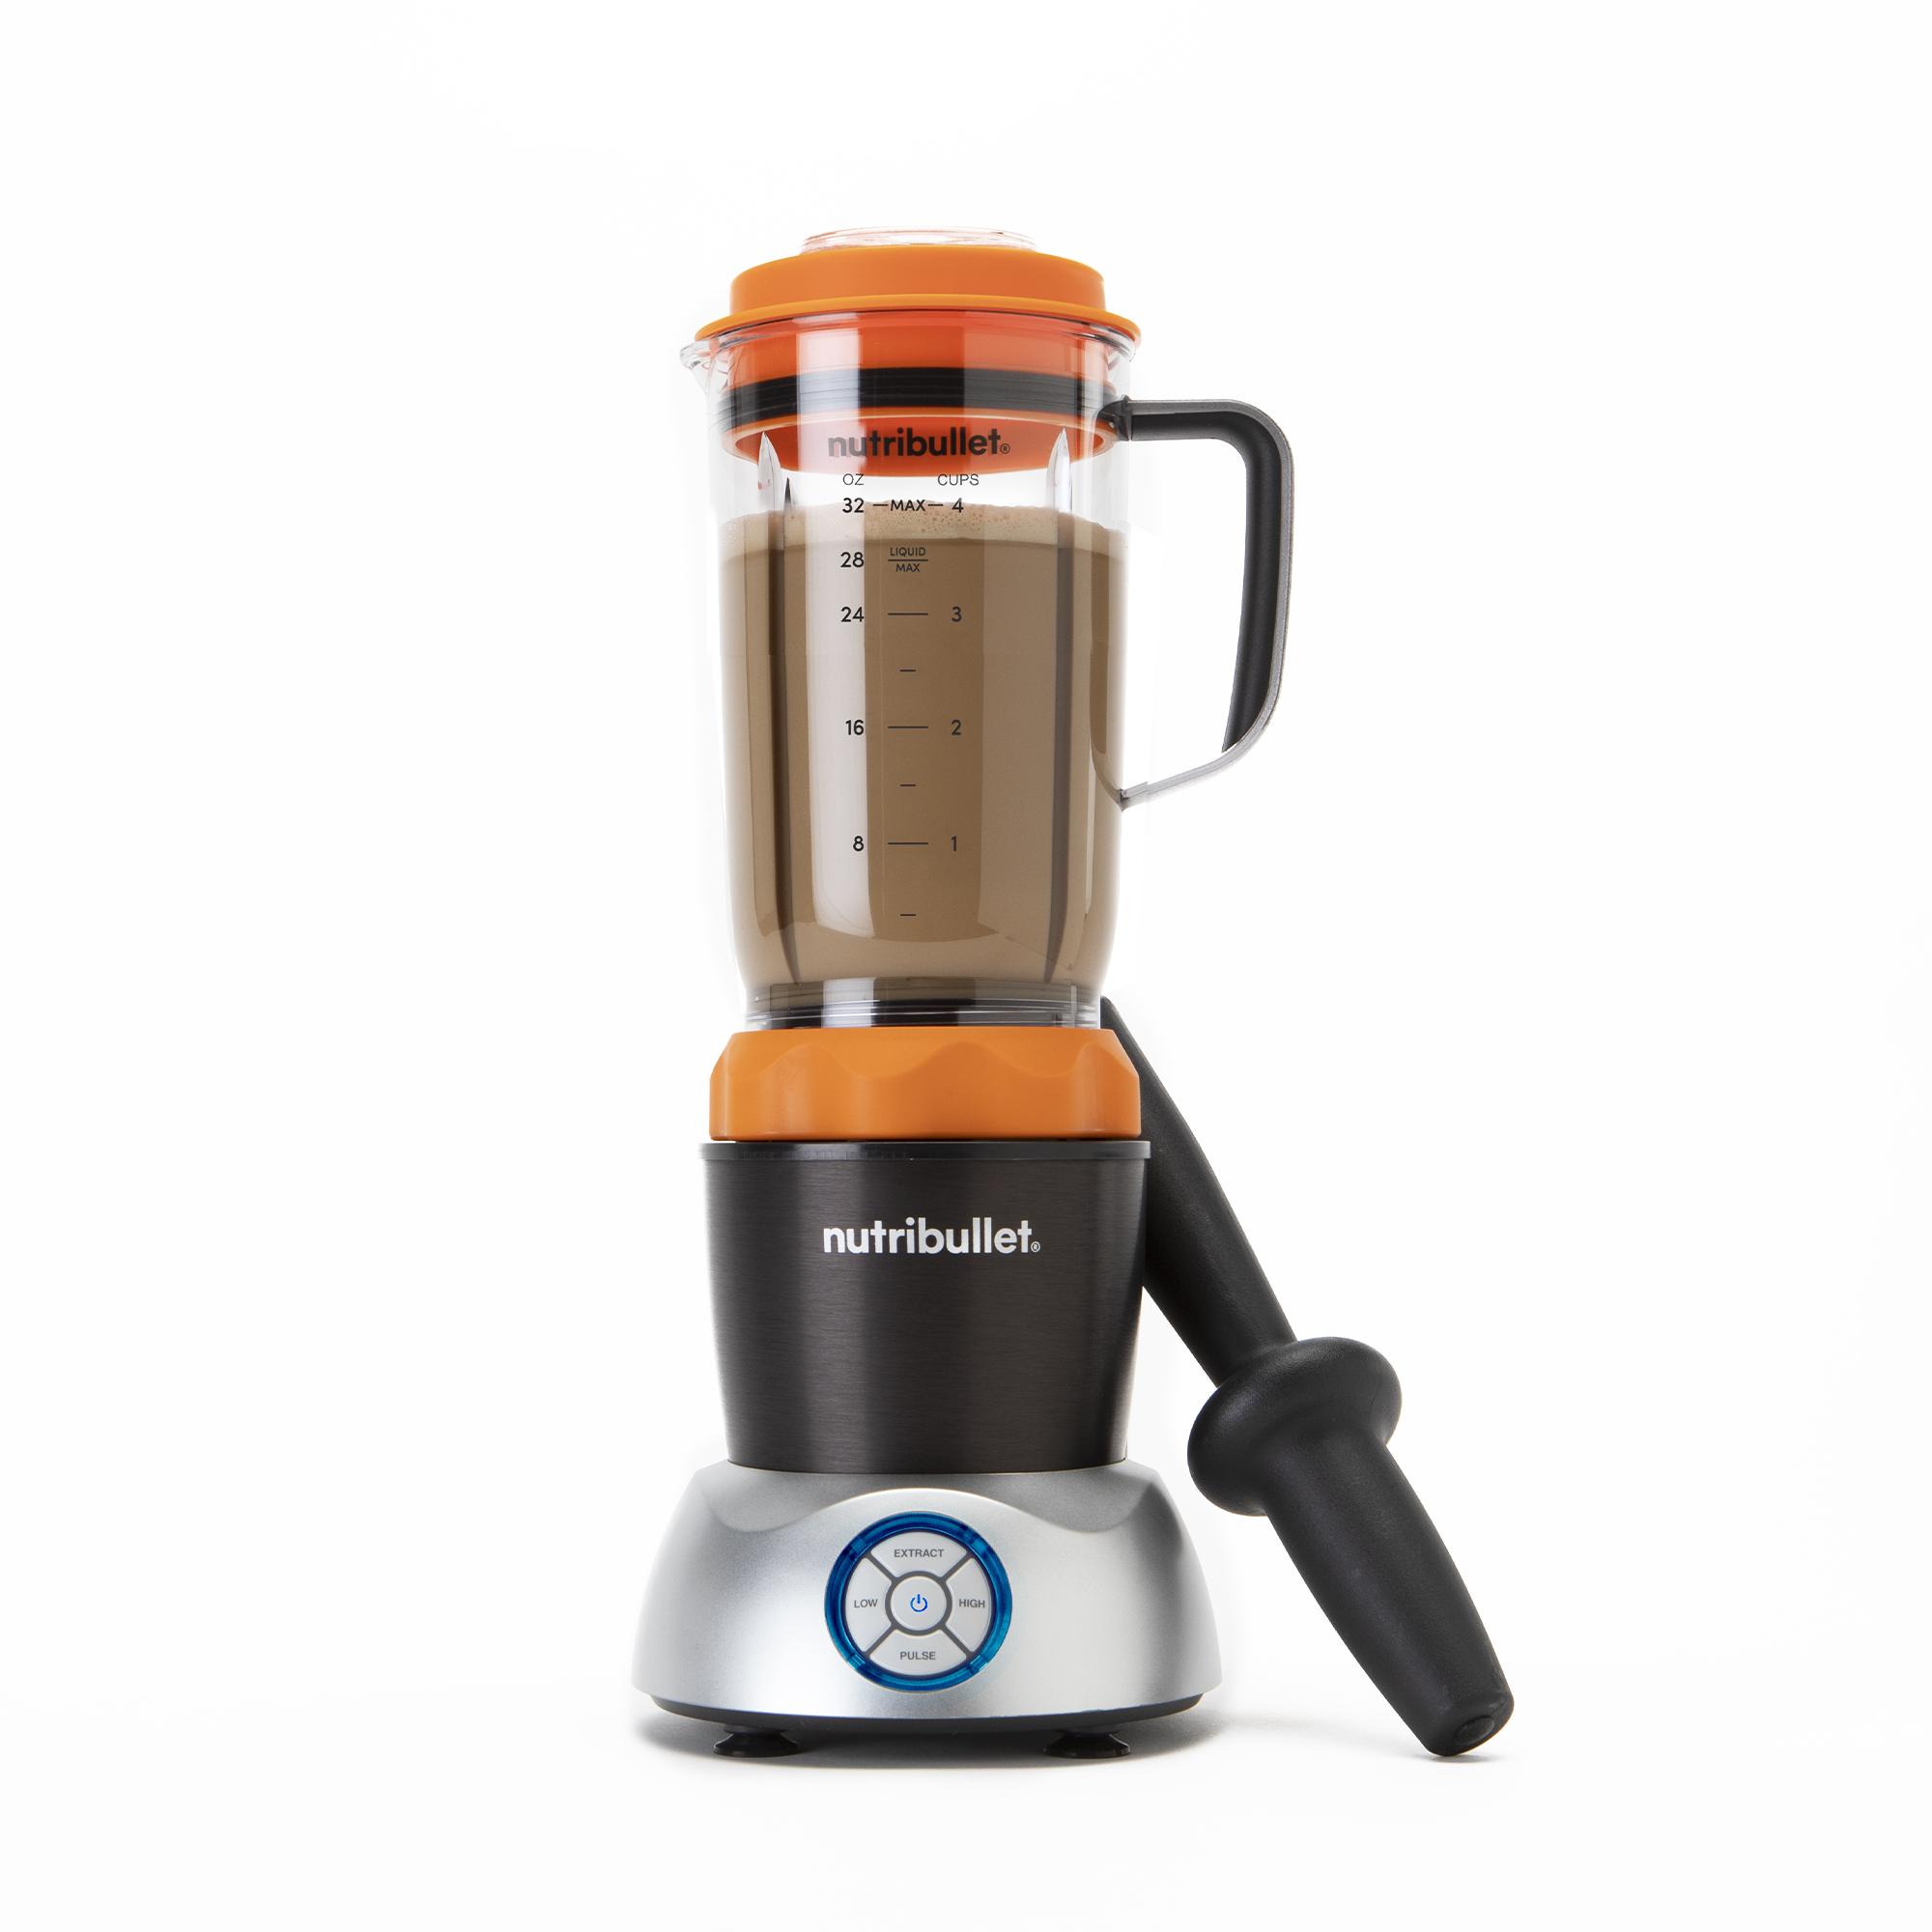 Nutribullet Select Blender, Orange, 1000W Cold or Hot Blender $24.75 @ Walmart YMMV B&M Clearance